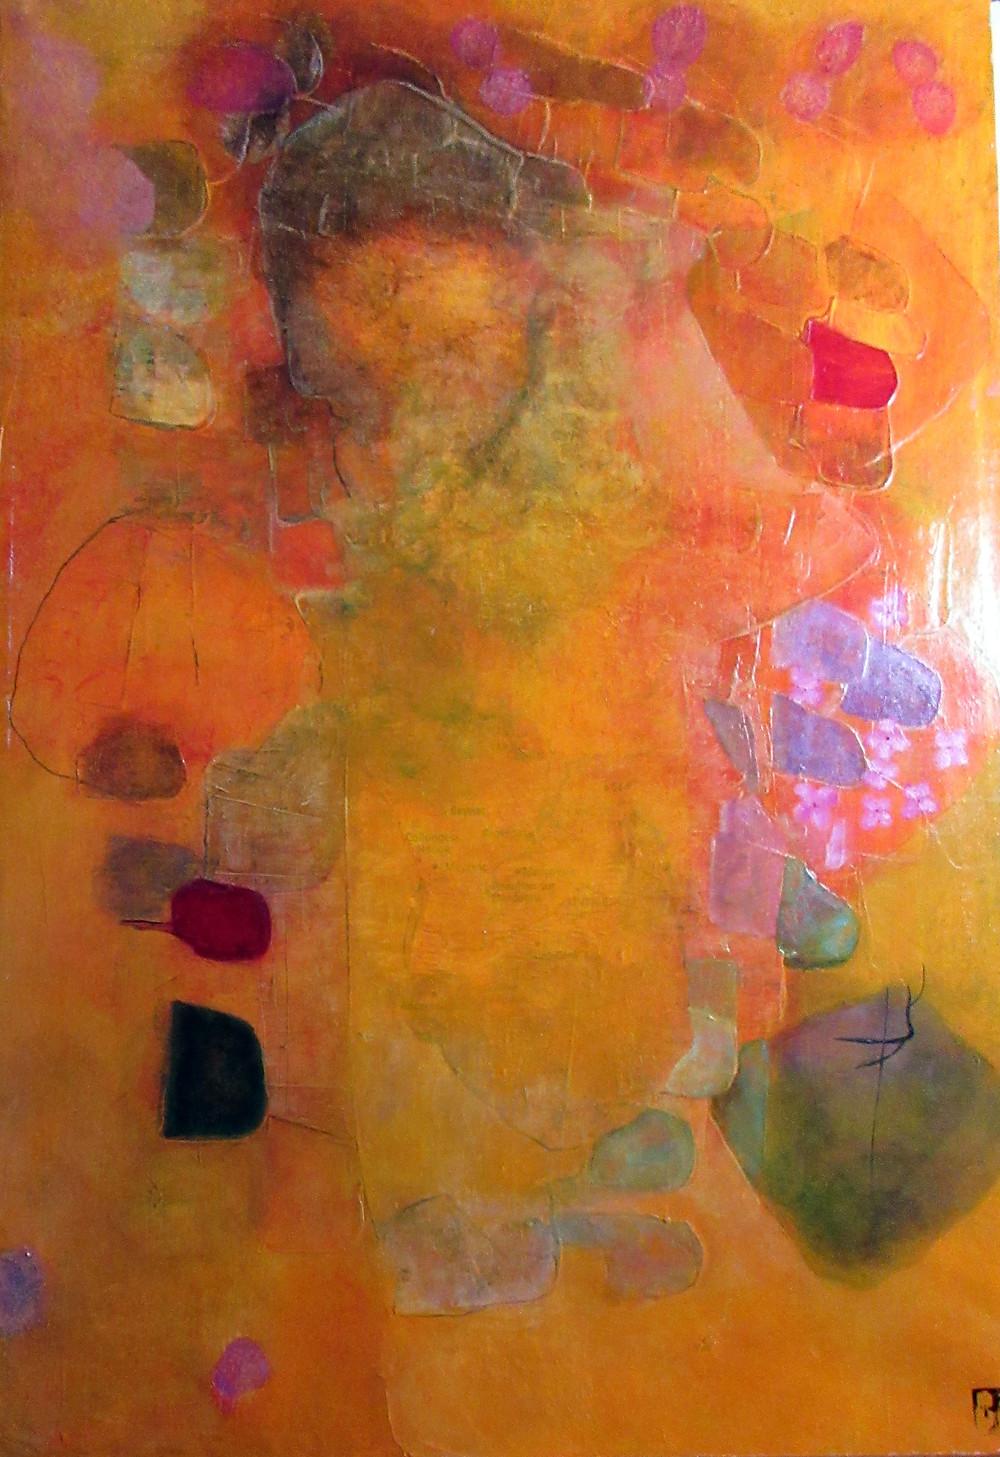 Patricia Jacquier, acrylique, technique mixte, collection personelle